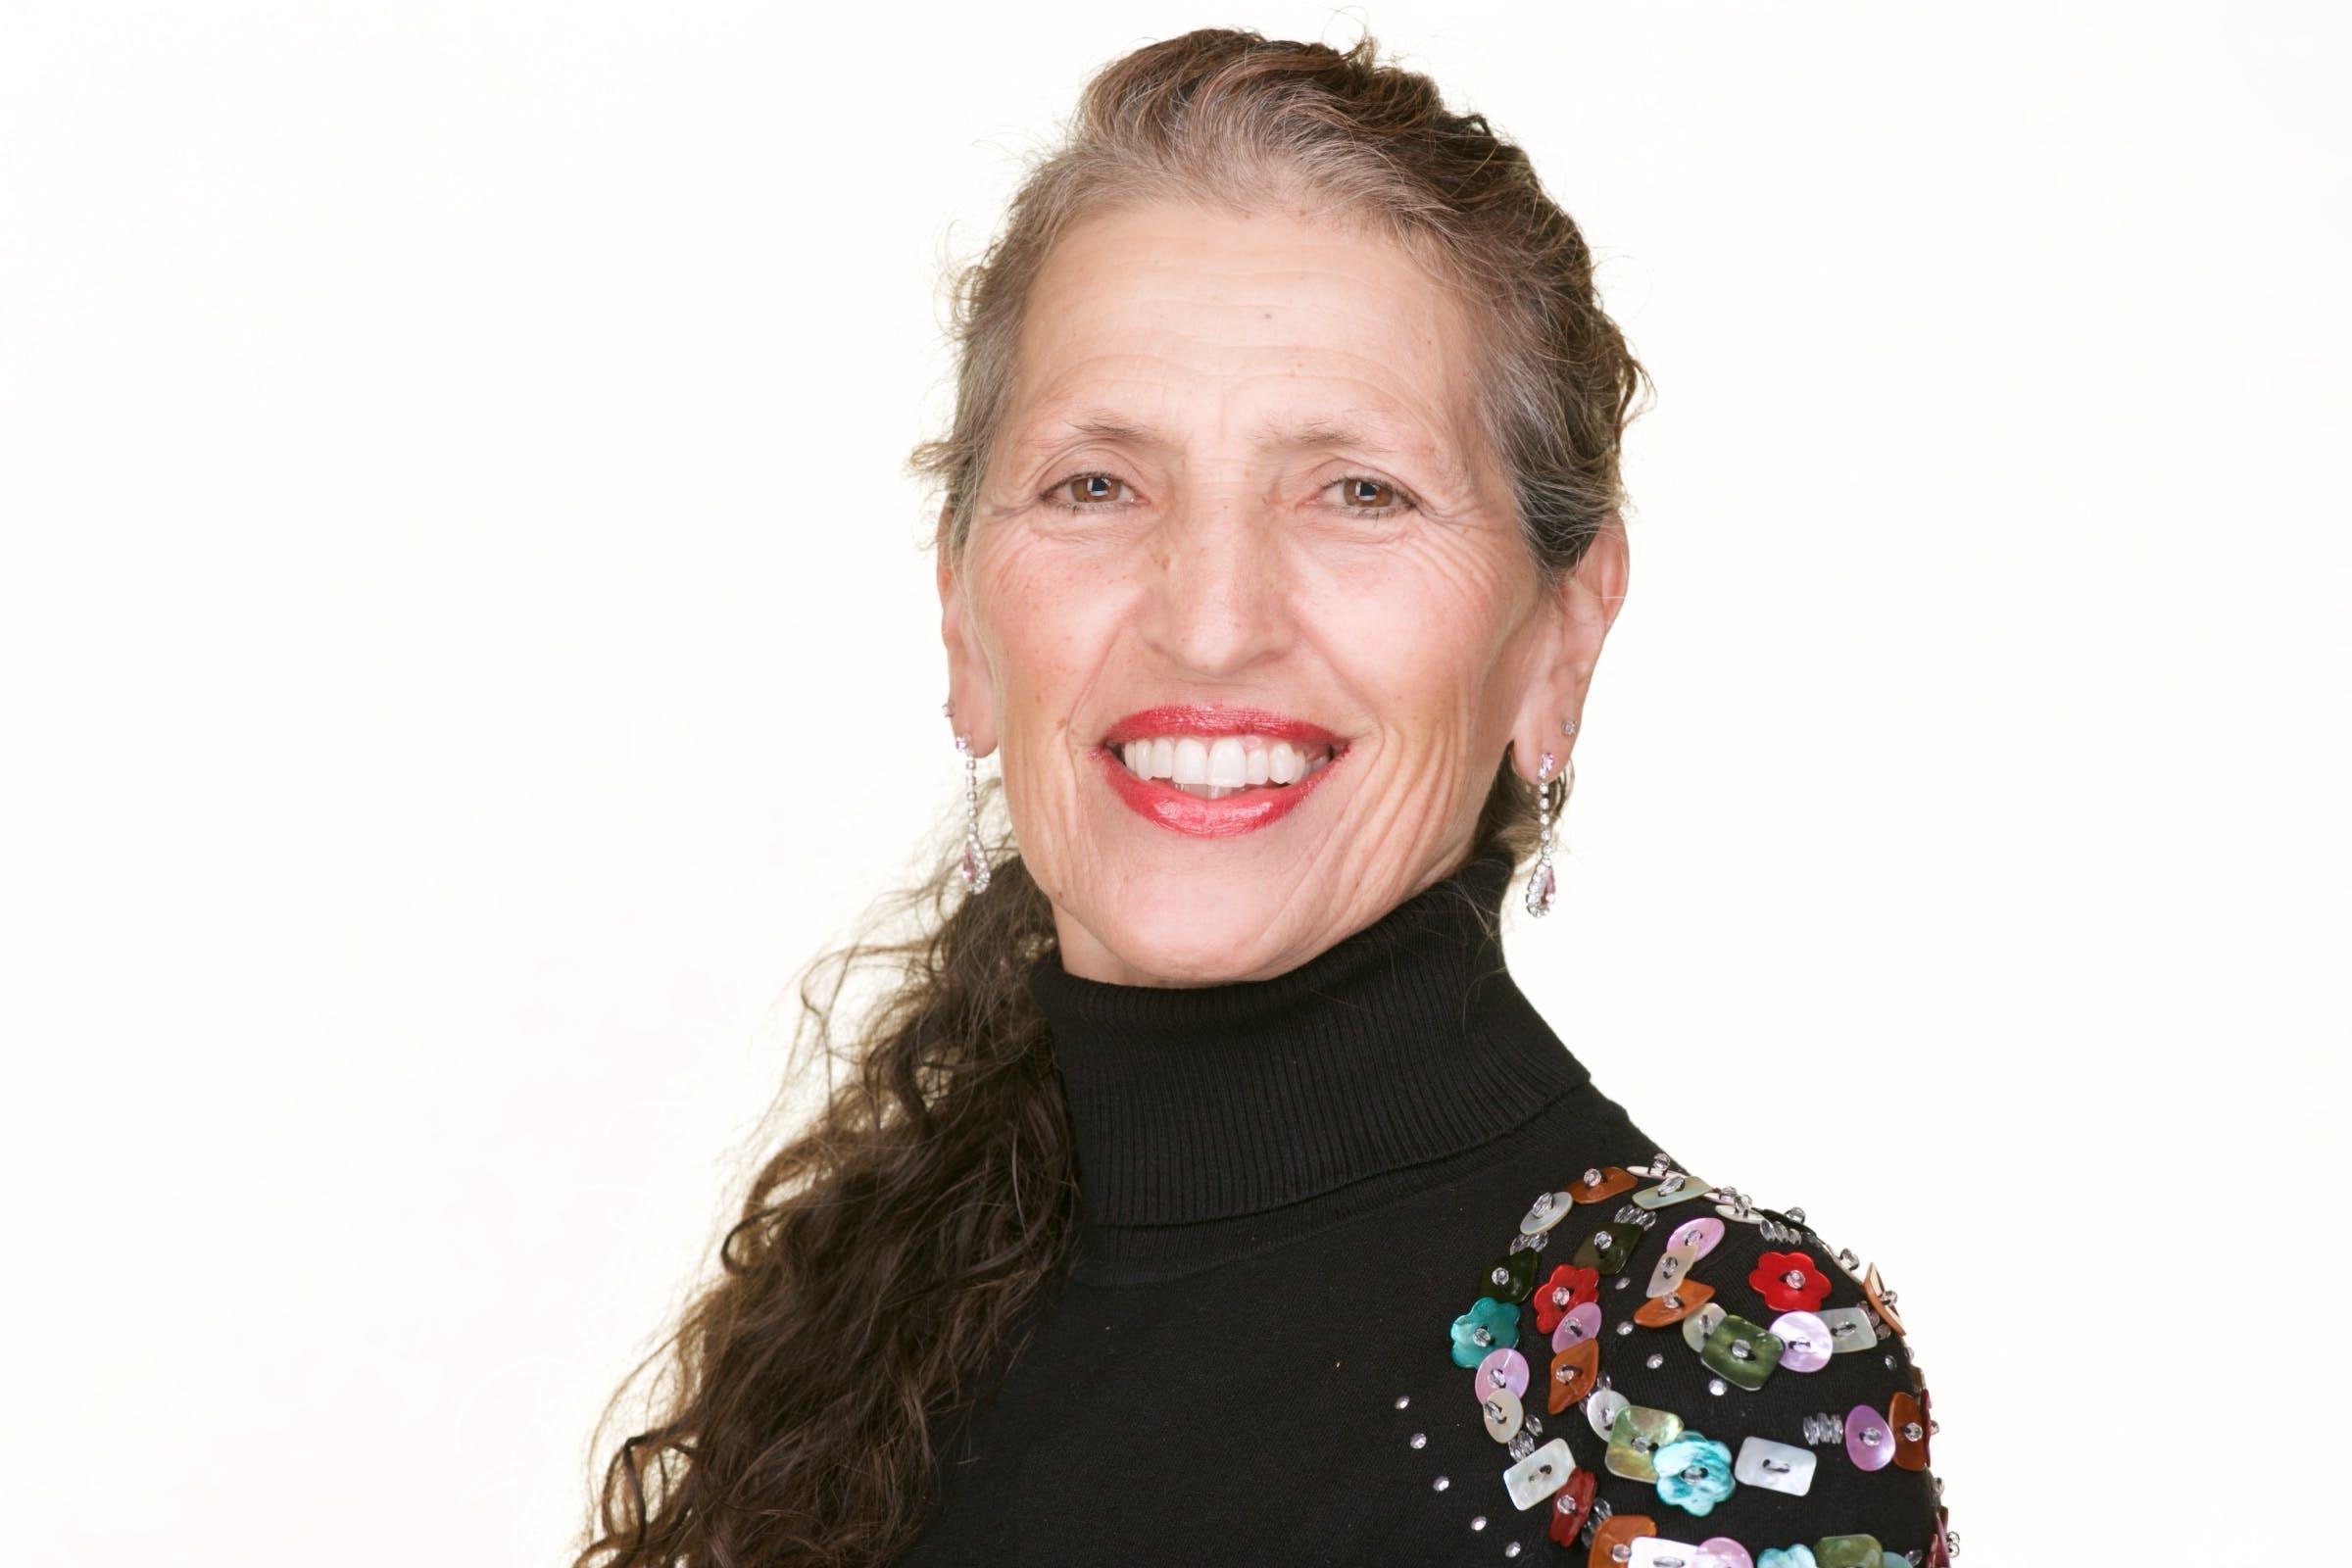 Dr. Michelle Perro